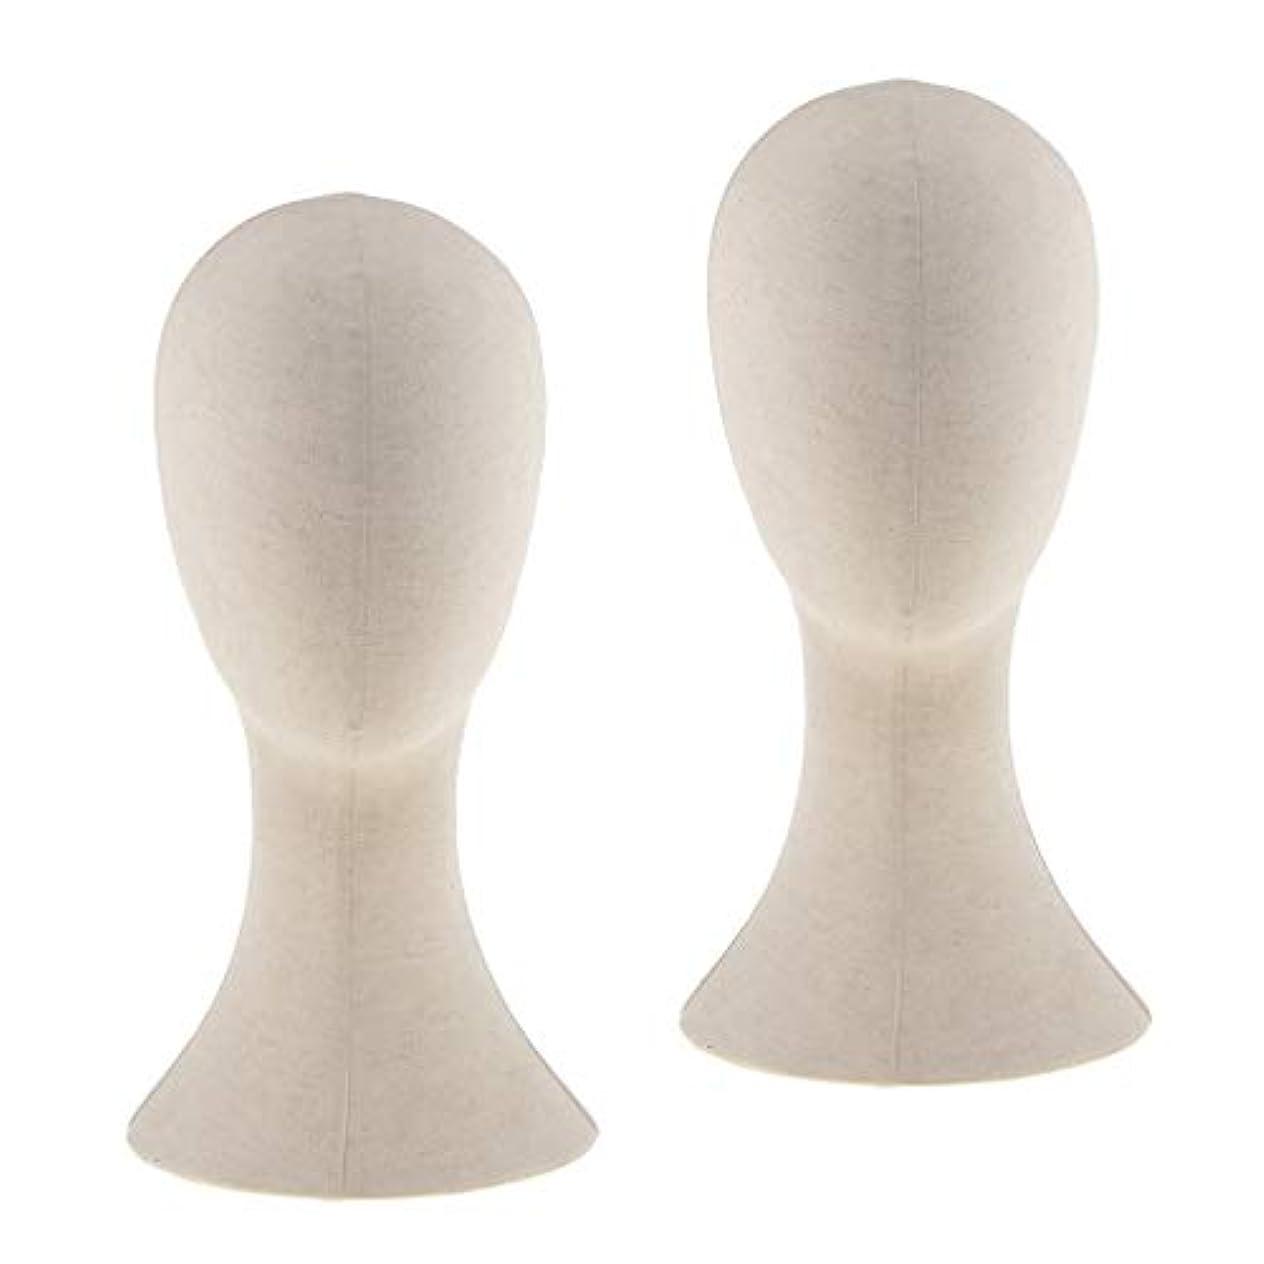 ラッチとしてハイブリッドDYNWAVE マネキンヘッド ウィッグスタンド練習 頭部 女性ウィッグマネキン ディスプレイ 帽子スタンド 2個入り